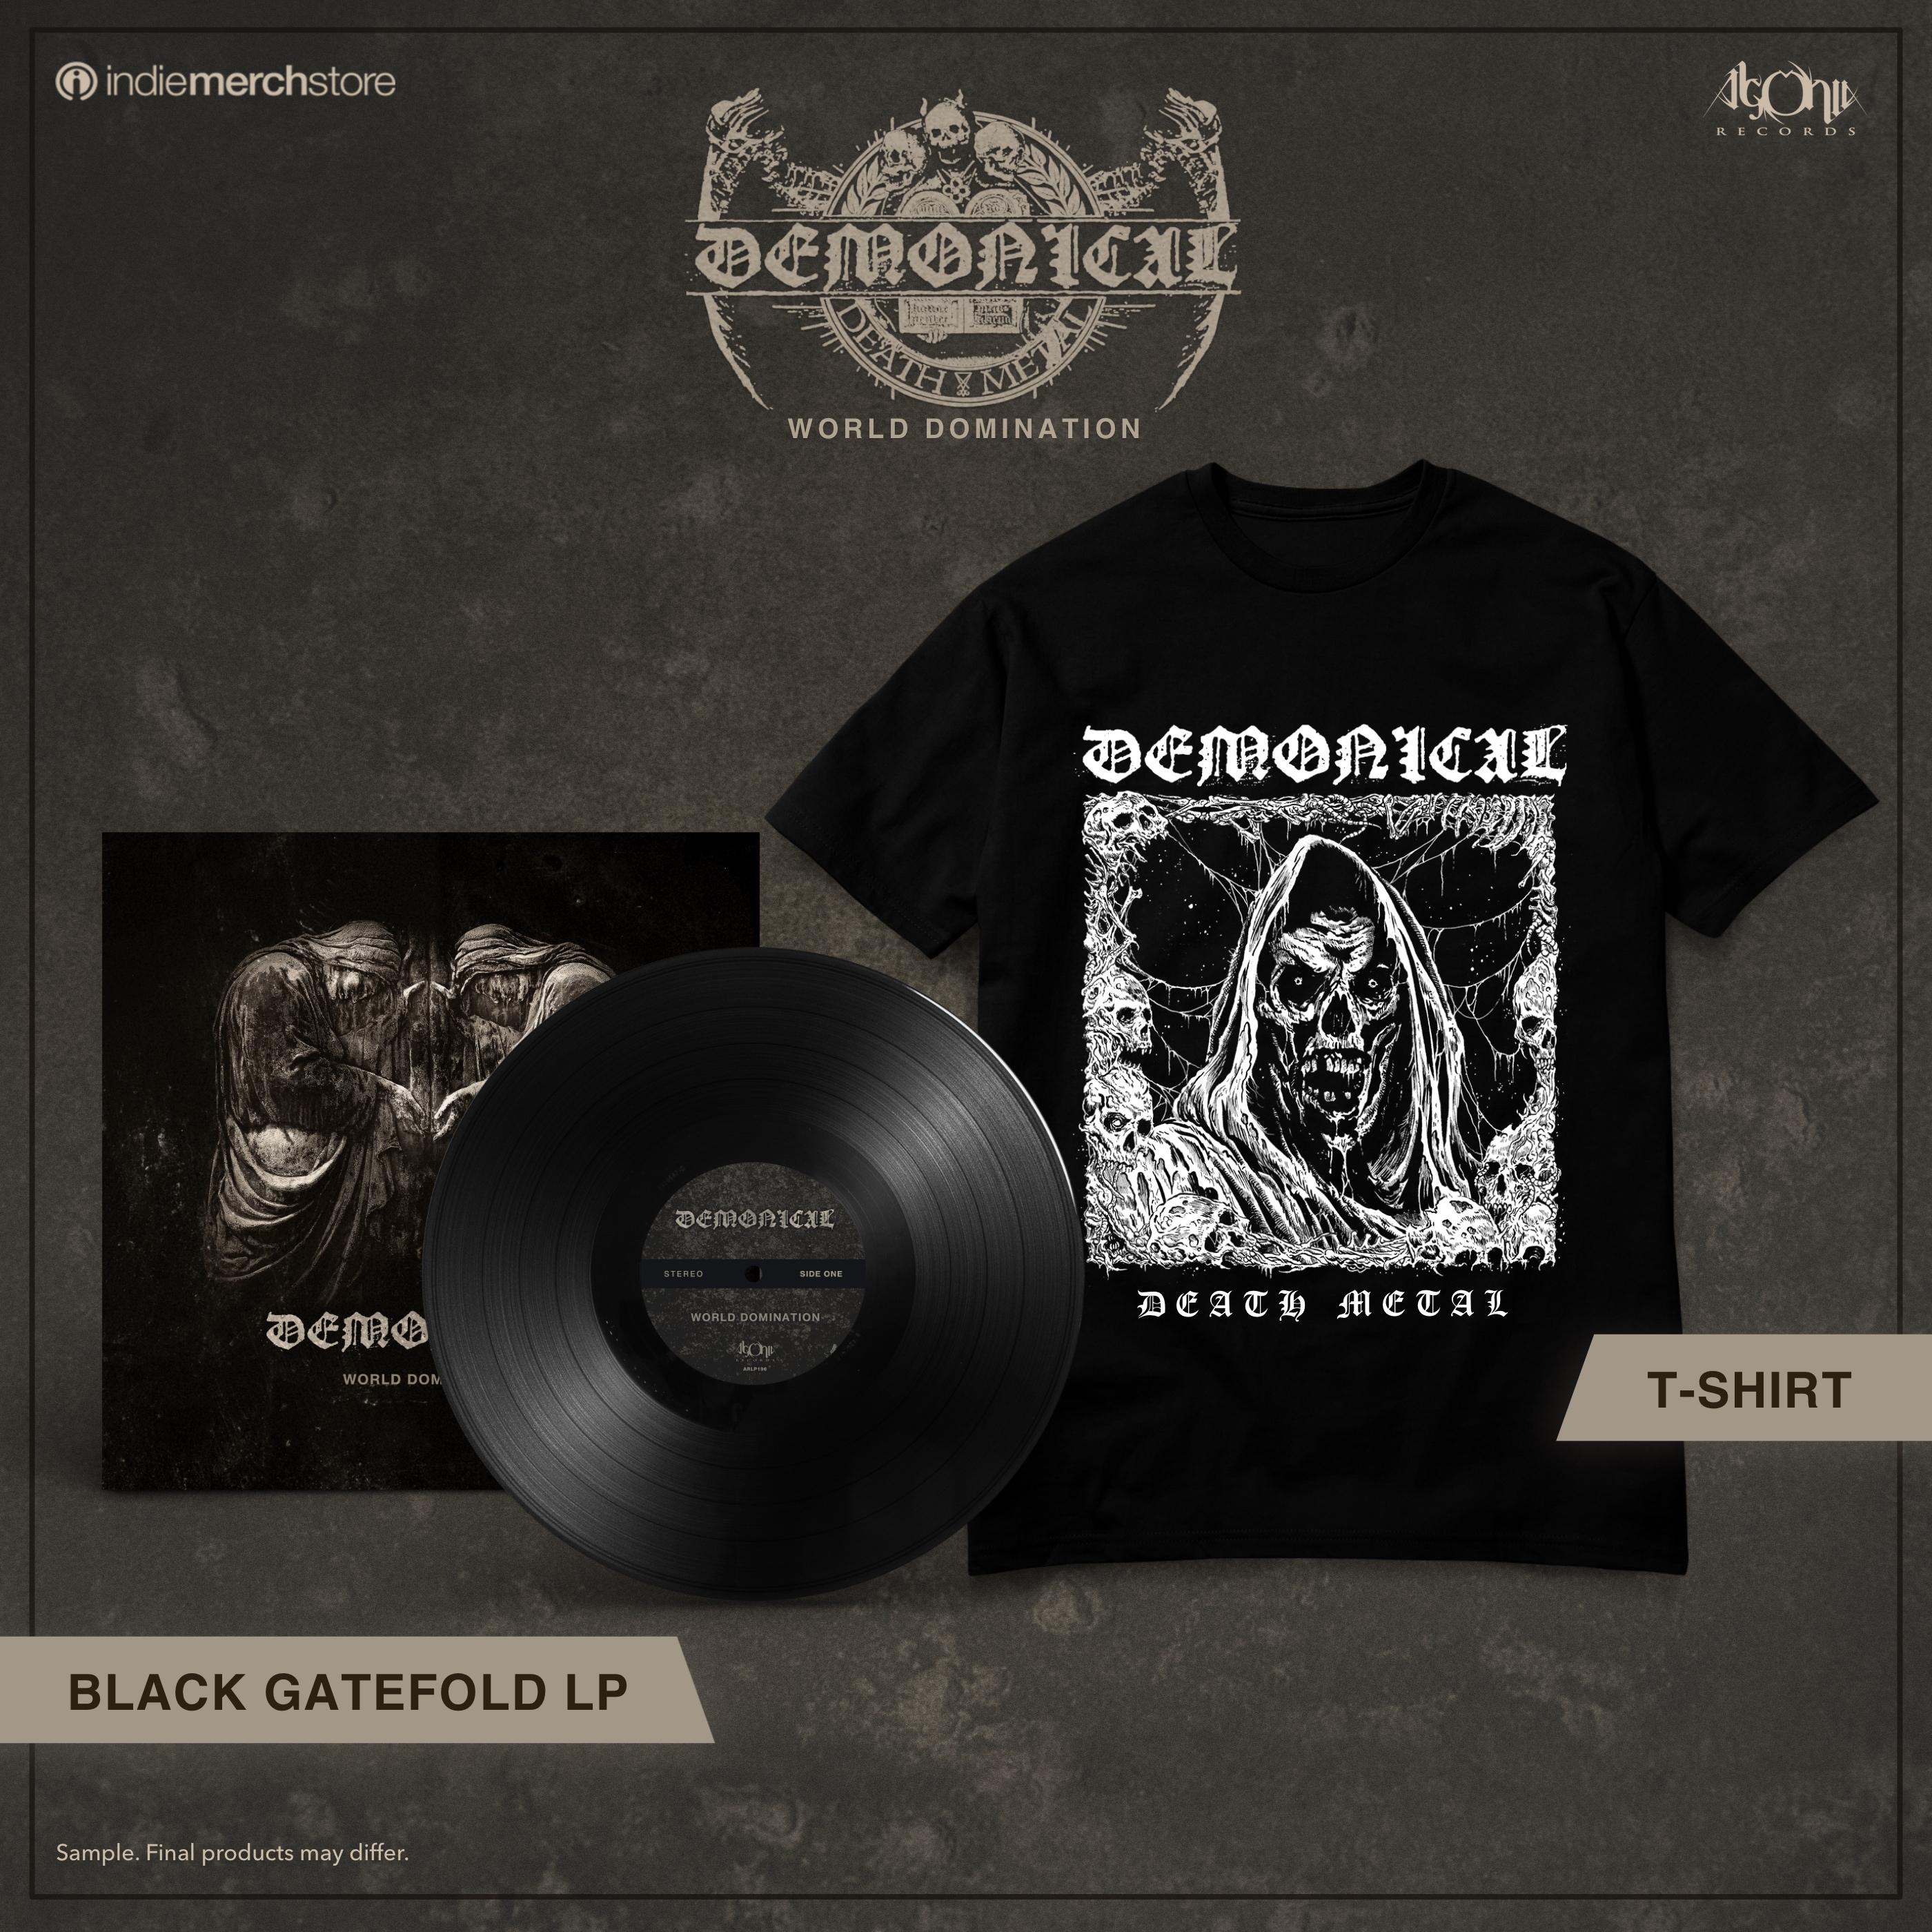 World Domination LP + Tee Bundle